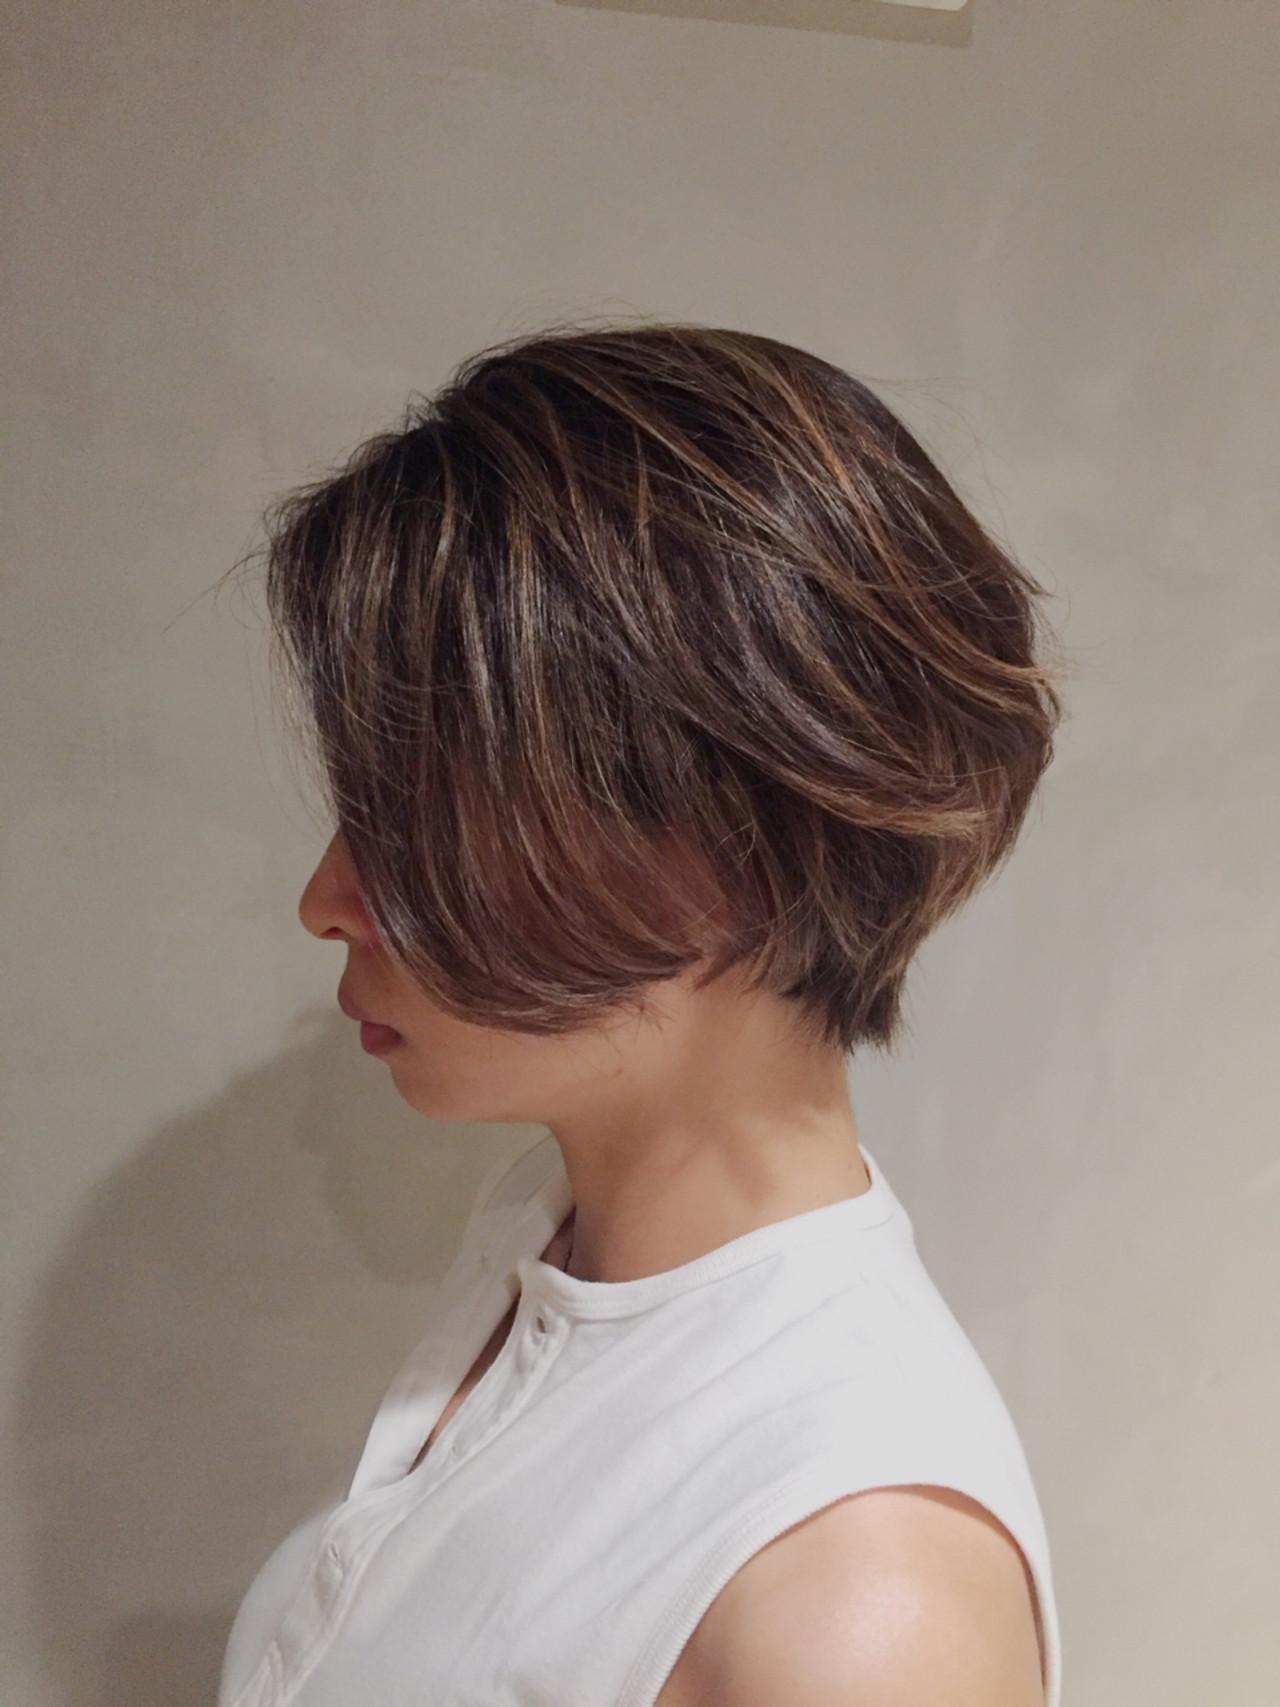 ショートボブ ハイライト ナチュラル ボブ ヘアスタイルや髪型の写真・画像 | 大橋 史明 / BRICK.S